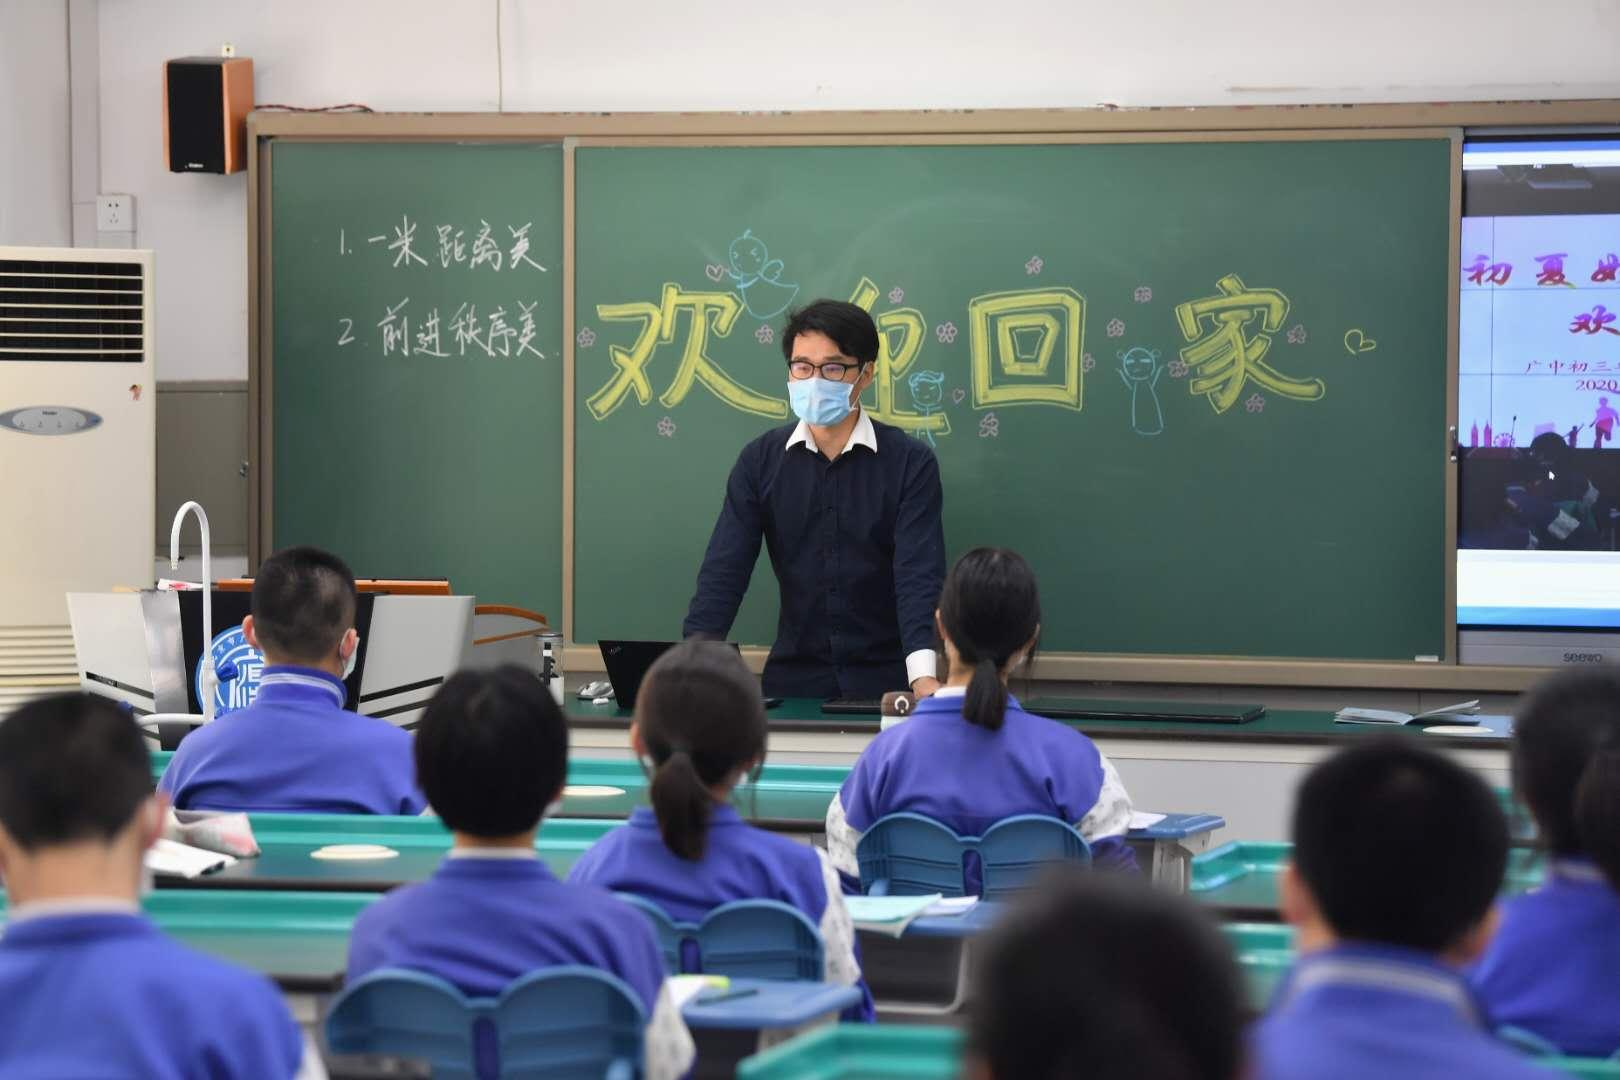 先生在先容开学防疫注重事项。